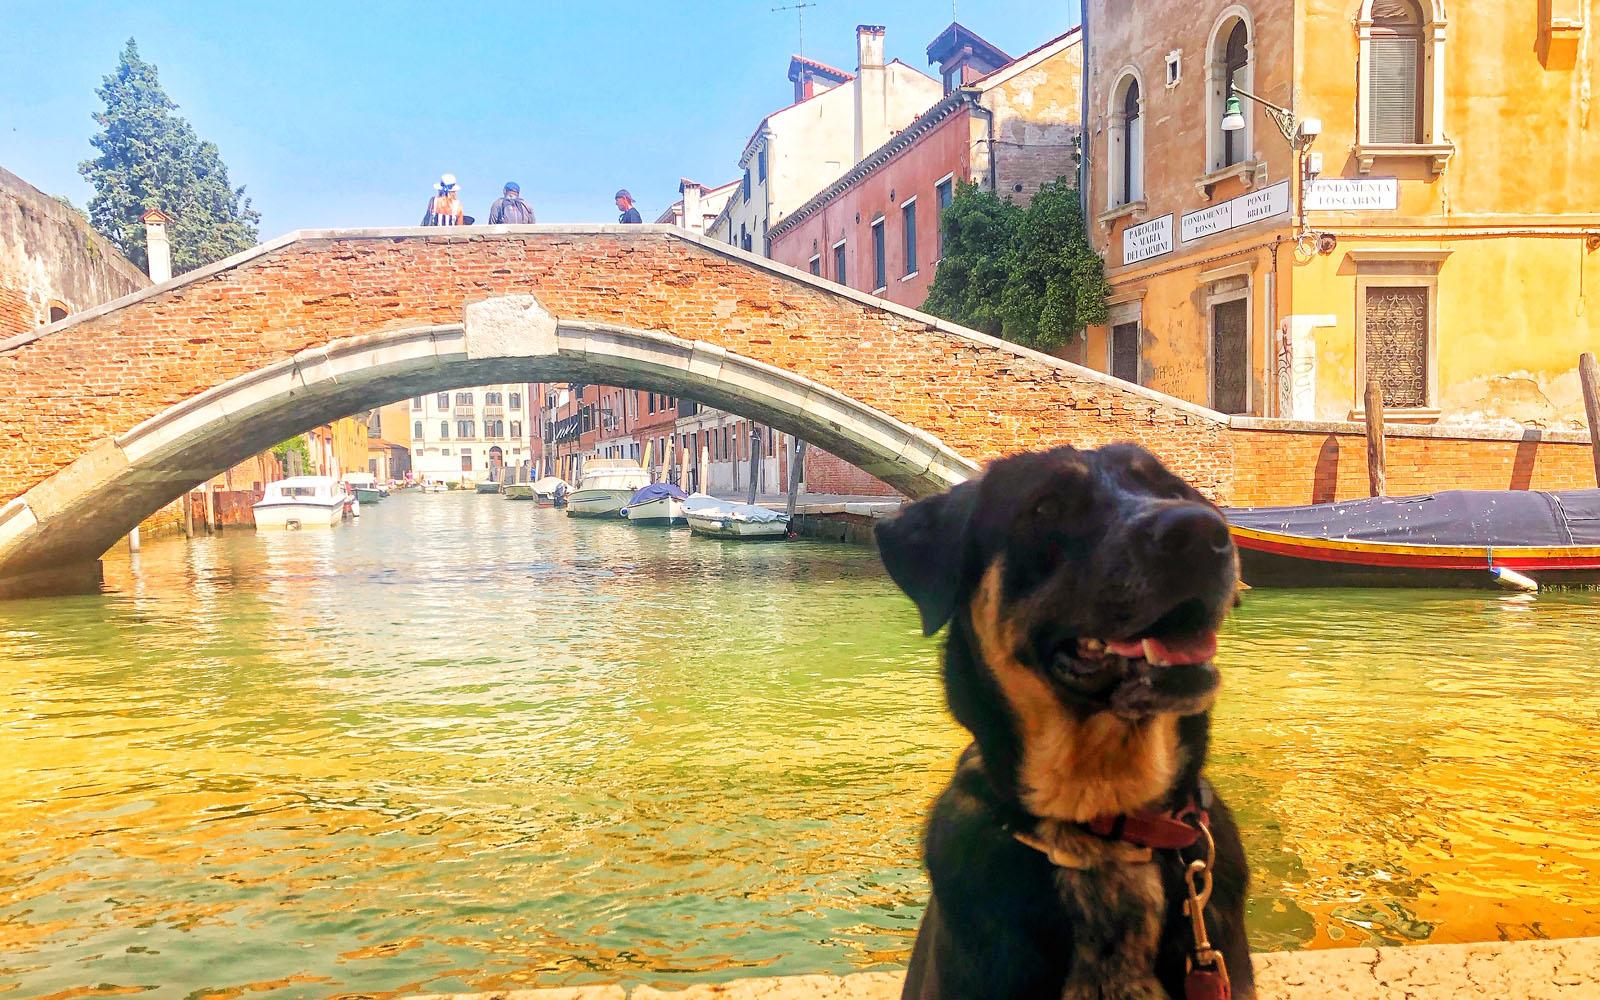 La mia cagnolina Pastis, nel sestiere di dorsoduro a Venezia.